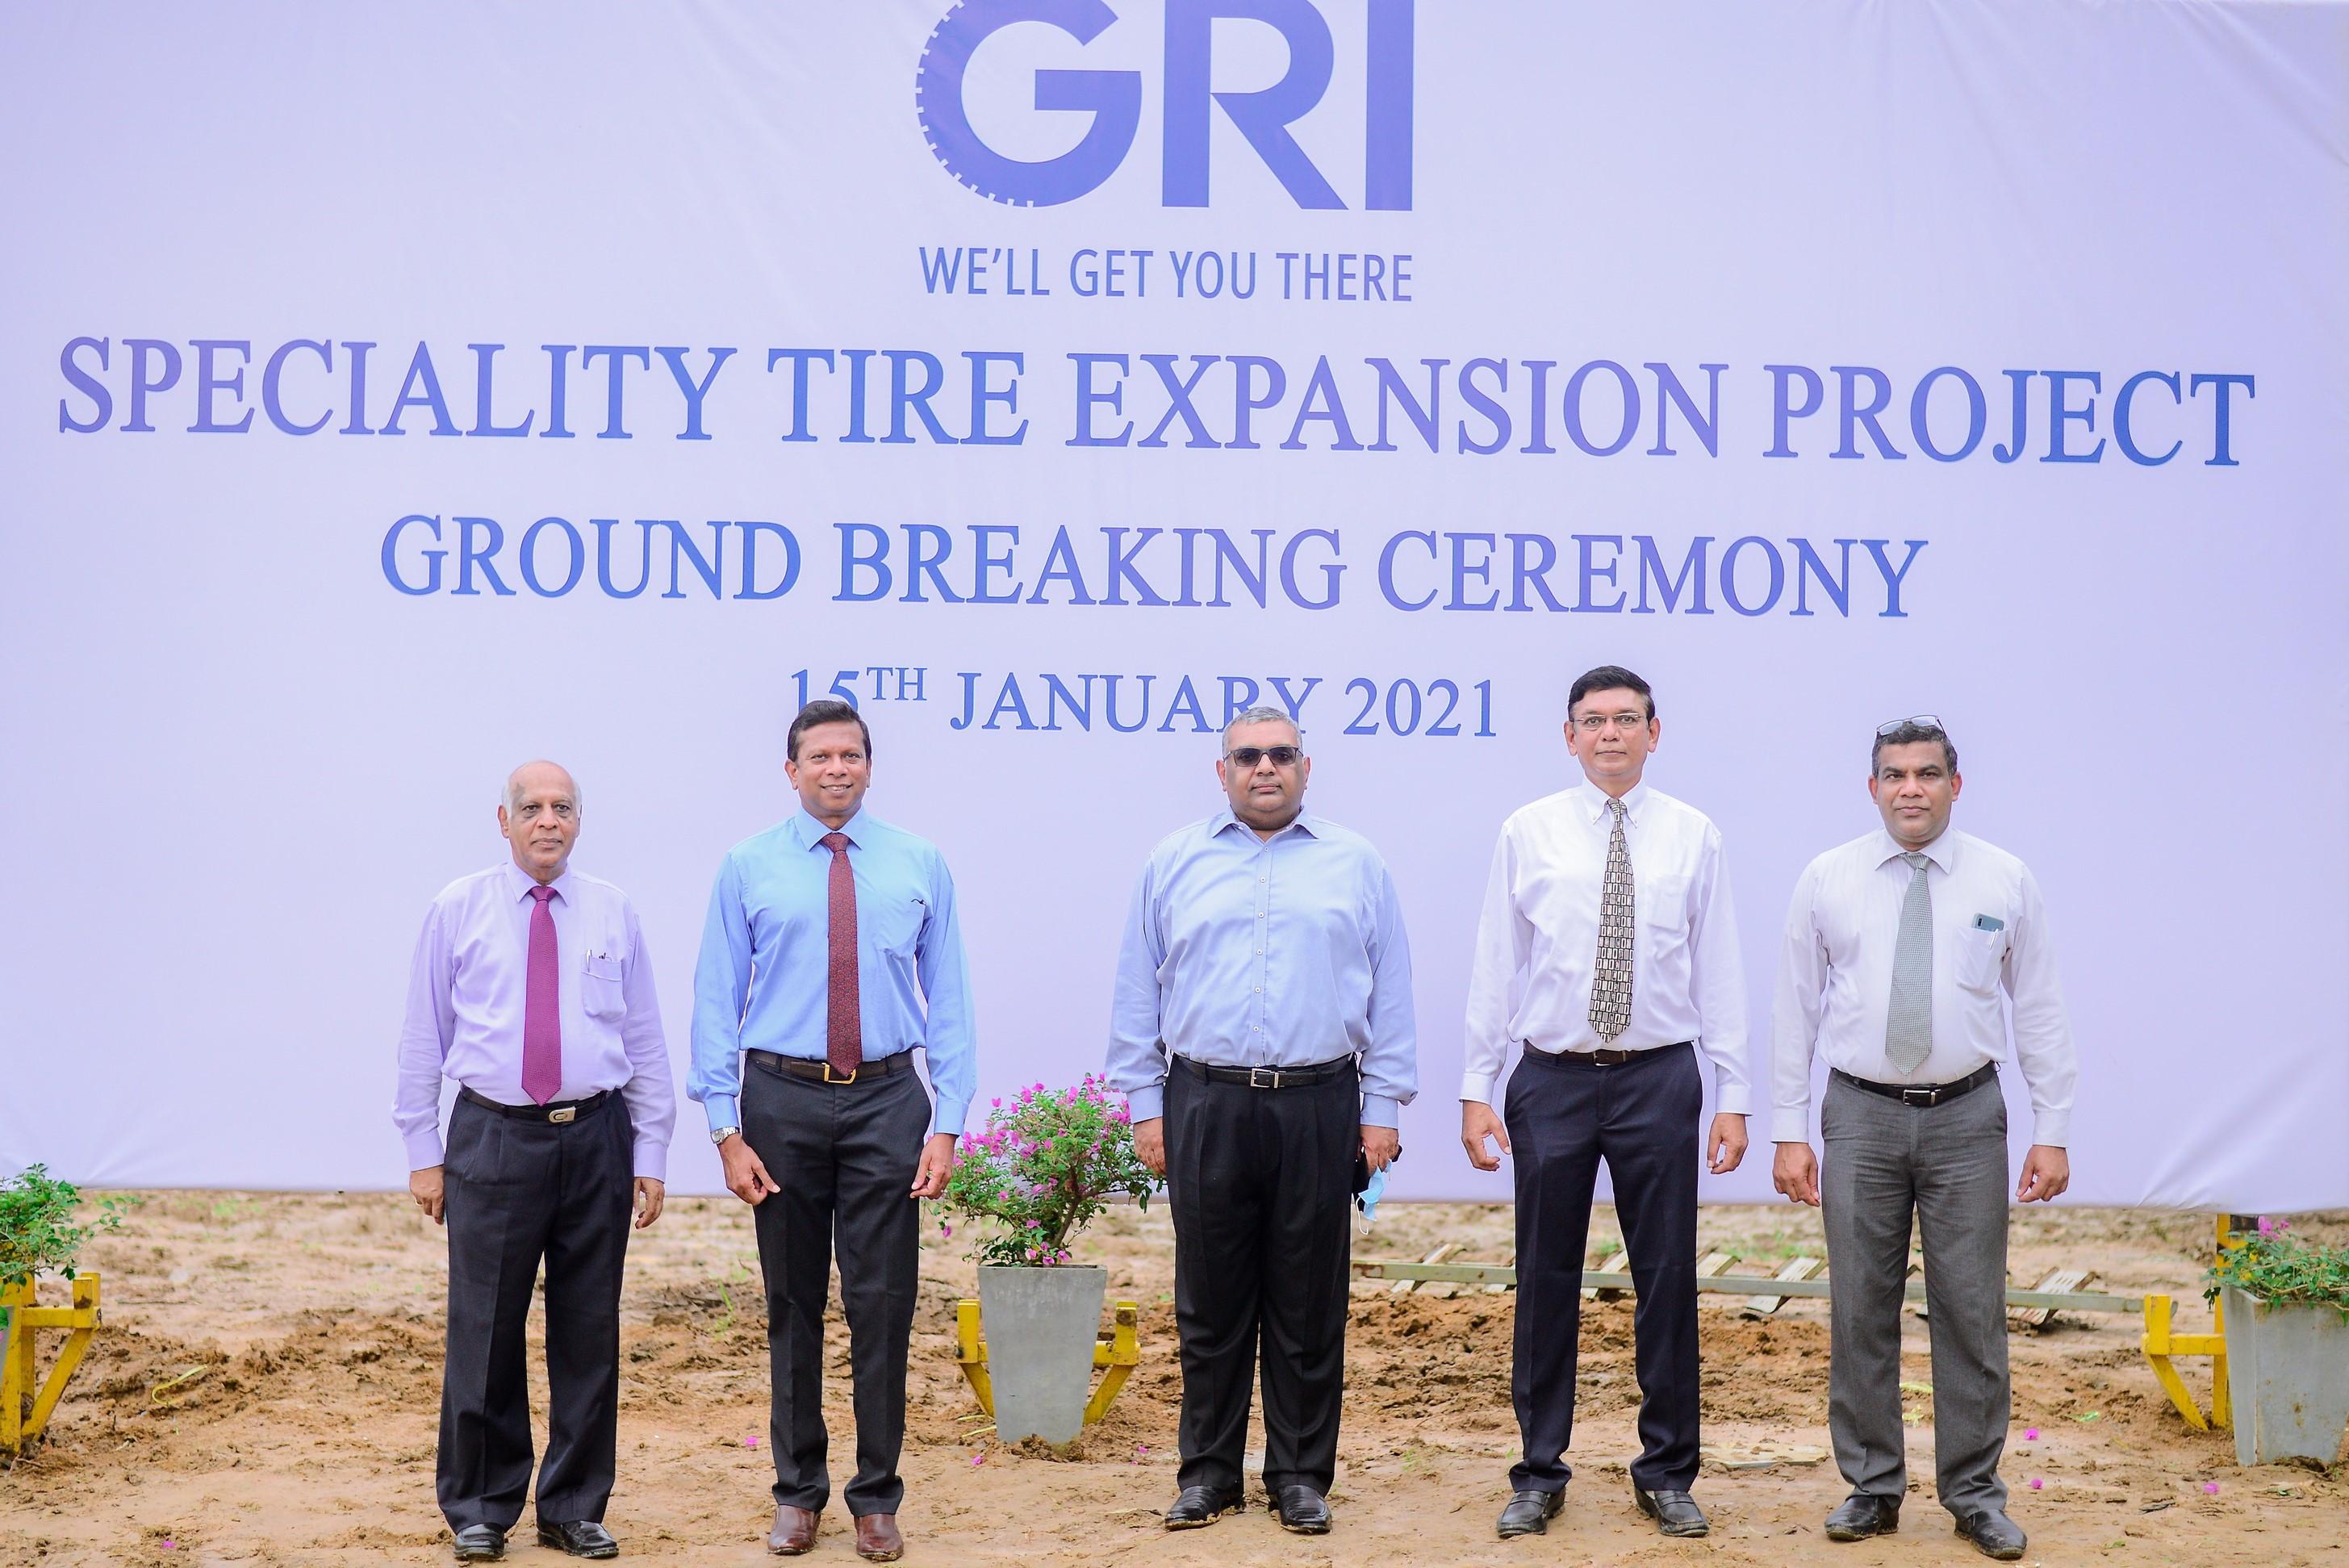 GRI MD Mr Prabhash Subasinghe, CEO Dr Mahesha Ranasoma & Senior Team